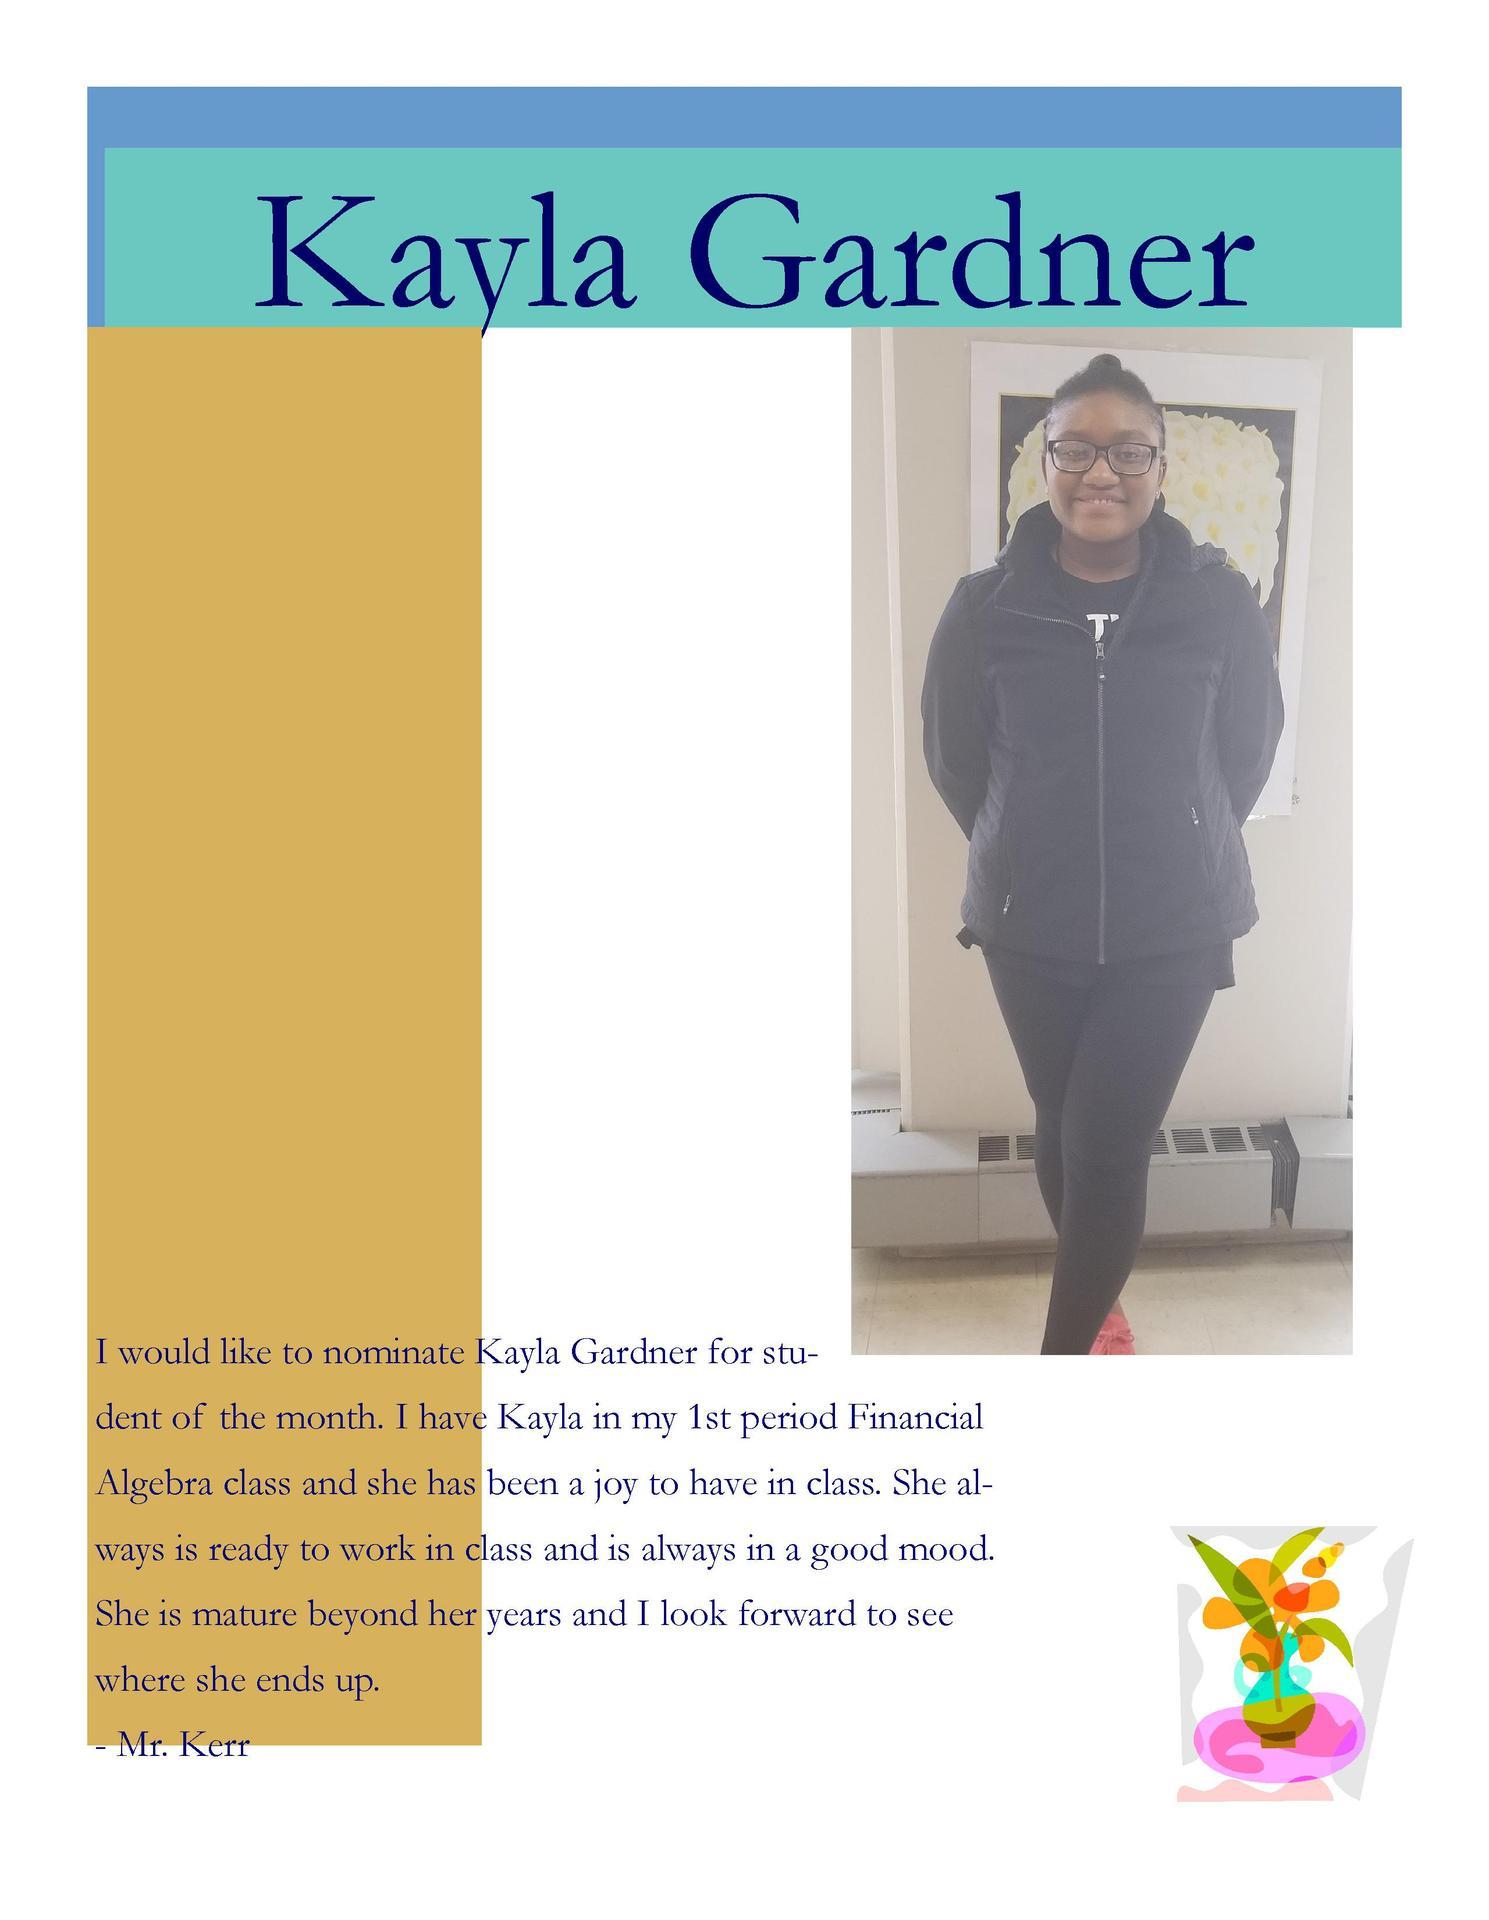 Image of Kayla Gardner